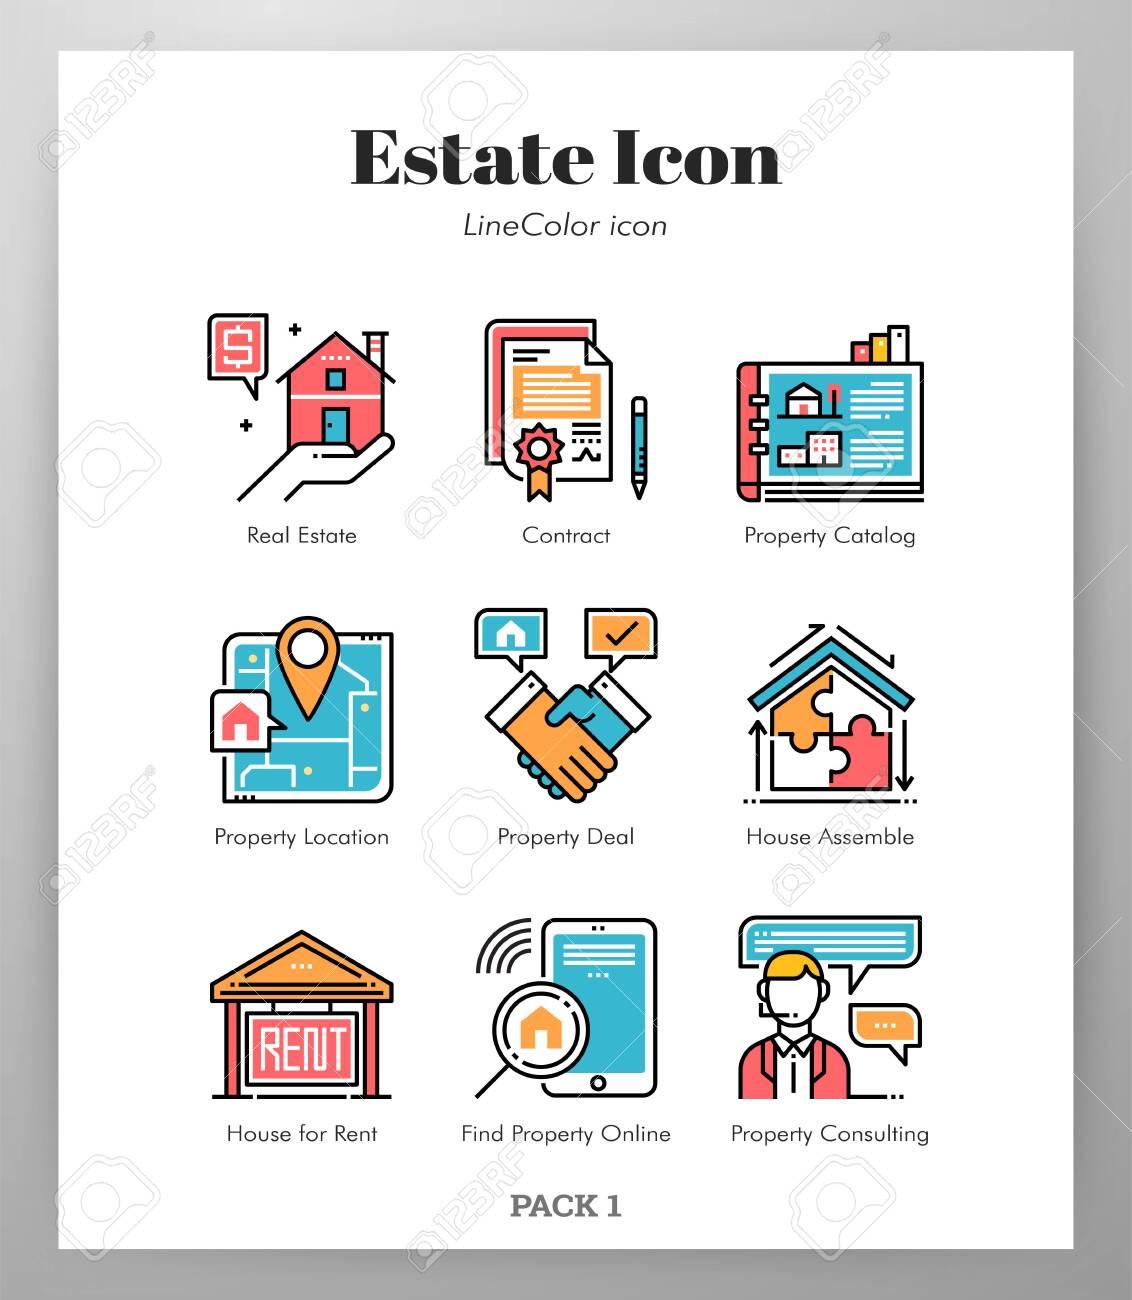 Estate vector illustration in line color design - 126642223